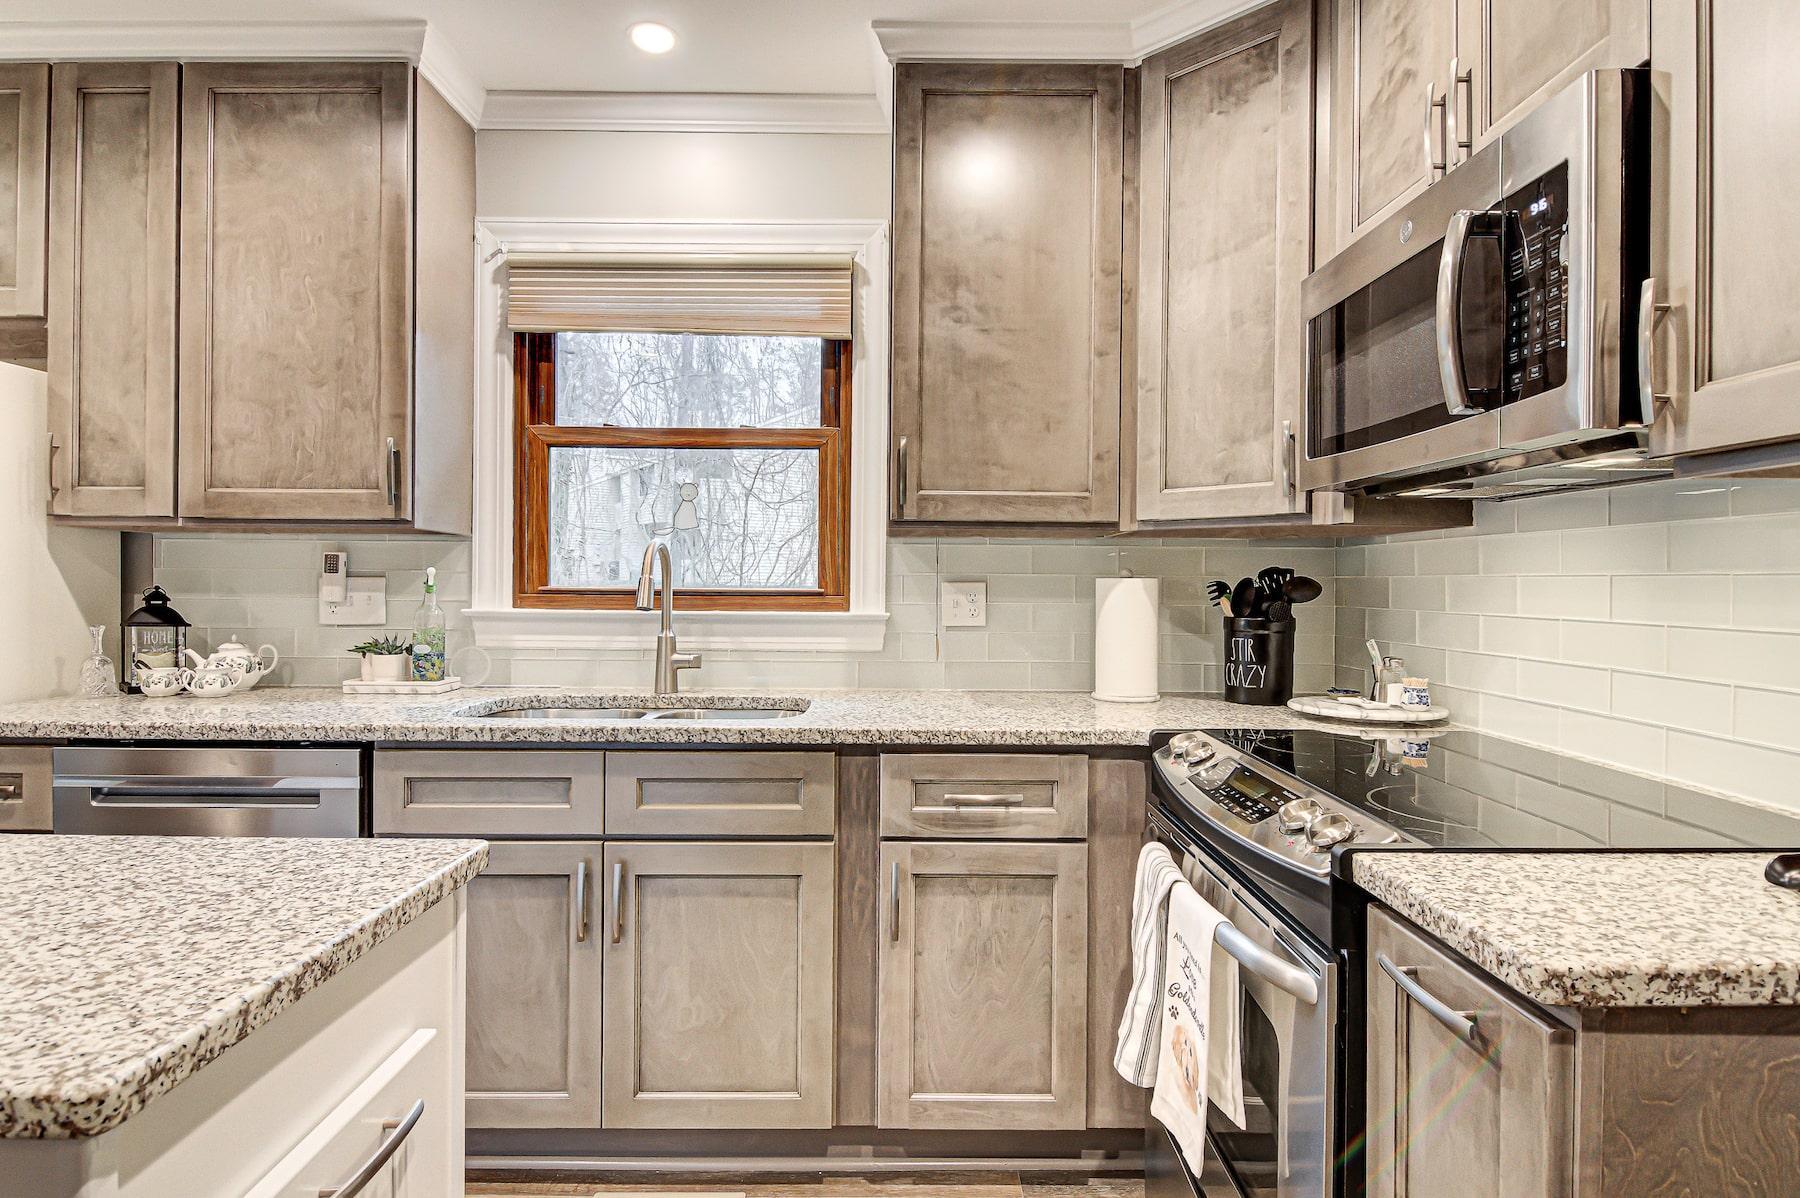 Kitchen remodel new cabinetry island granite countertops Greensboro NC